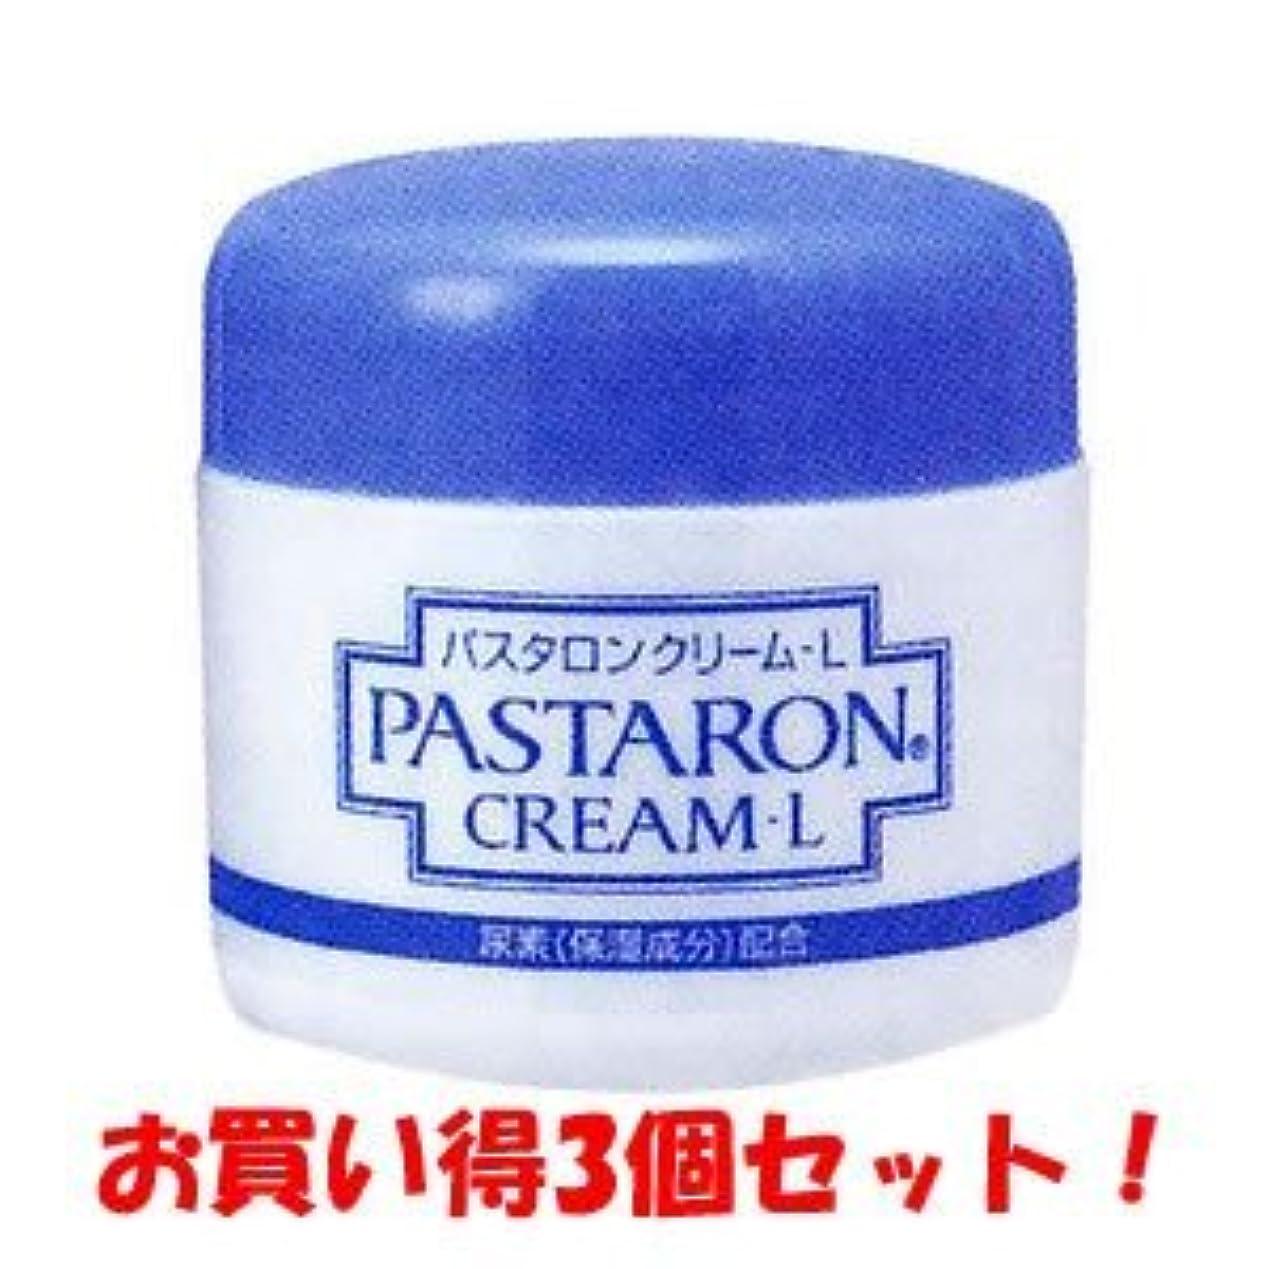 下にウール肺炎【佐藤製薬】パスタロンクリームL 60g(医薬部外品)(お買い得3個セット)